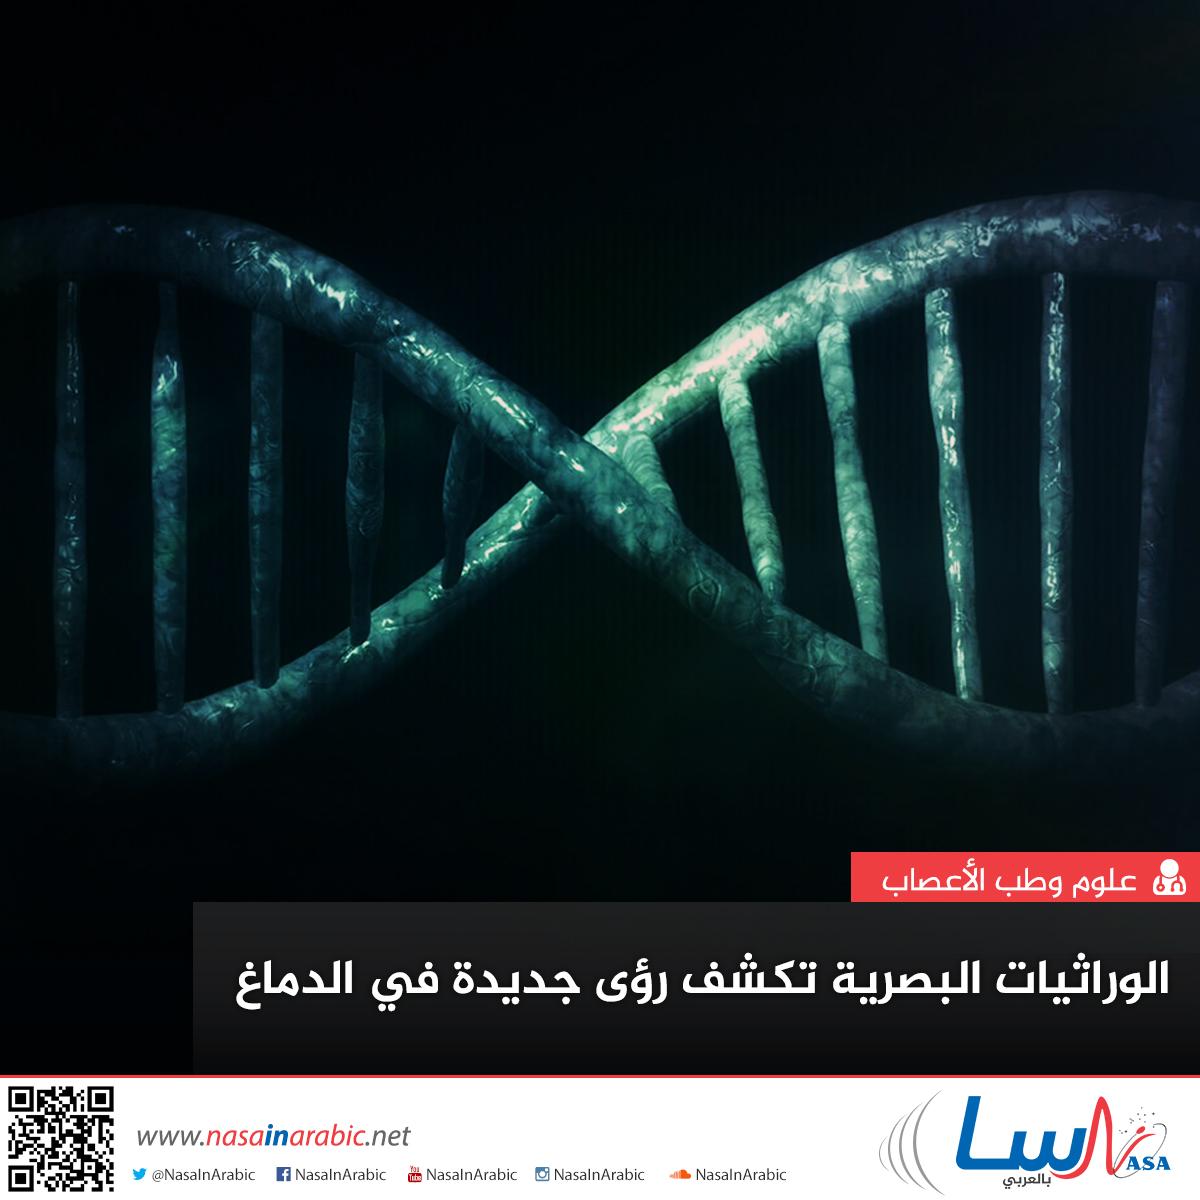 الوراثيات البصرية تكشف رؤًى جديدة في الدماغ